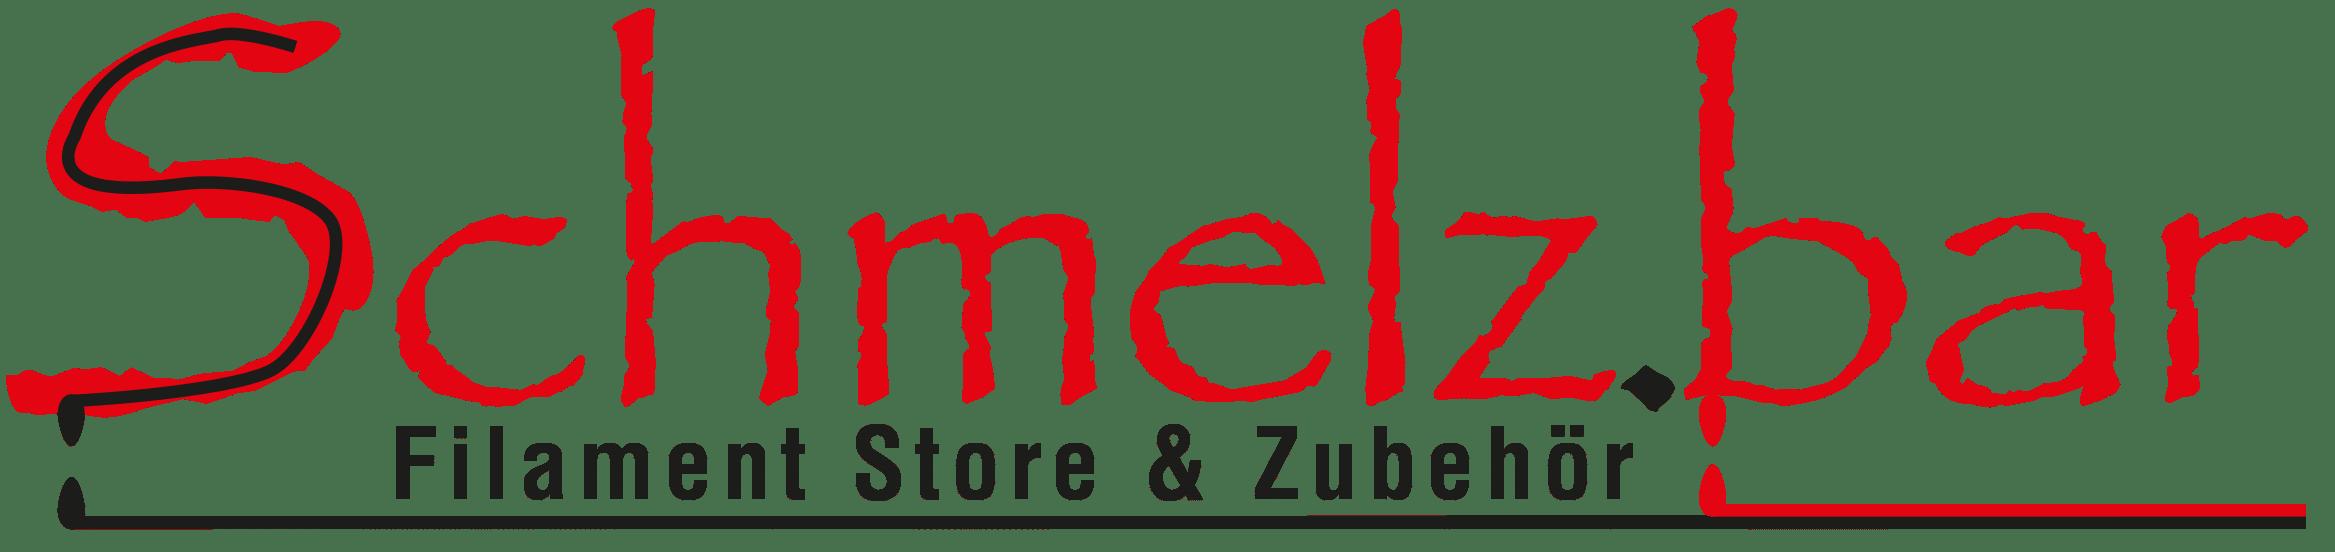 SchmelzBar Distribution